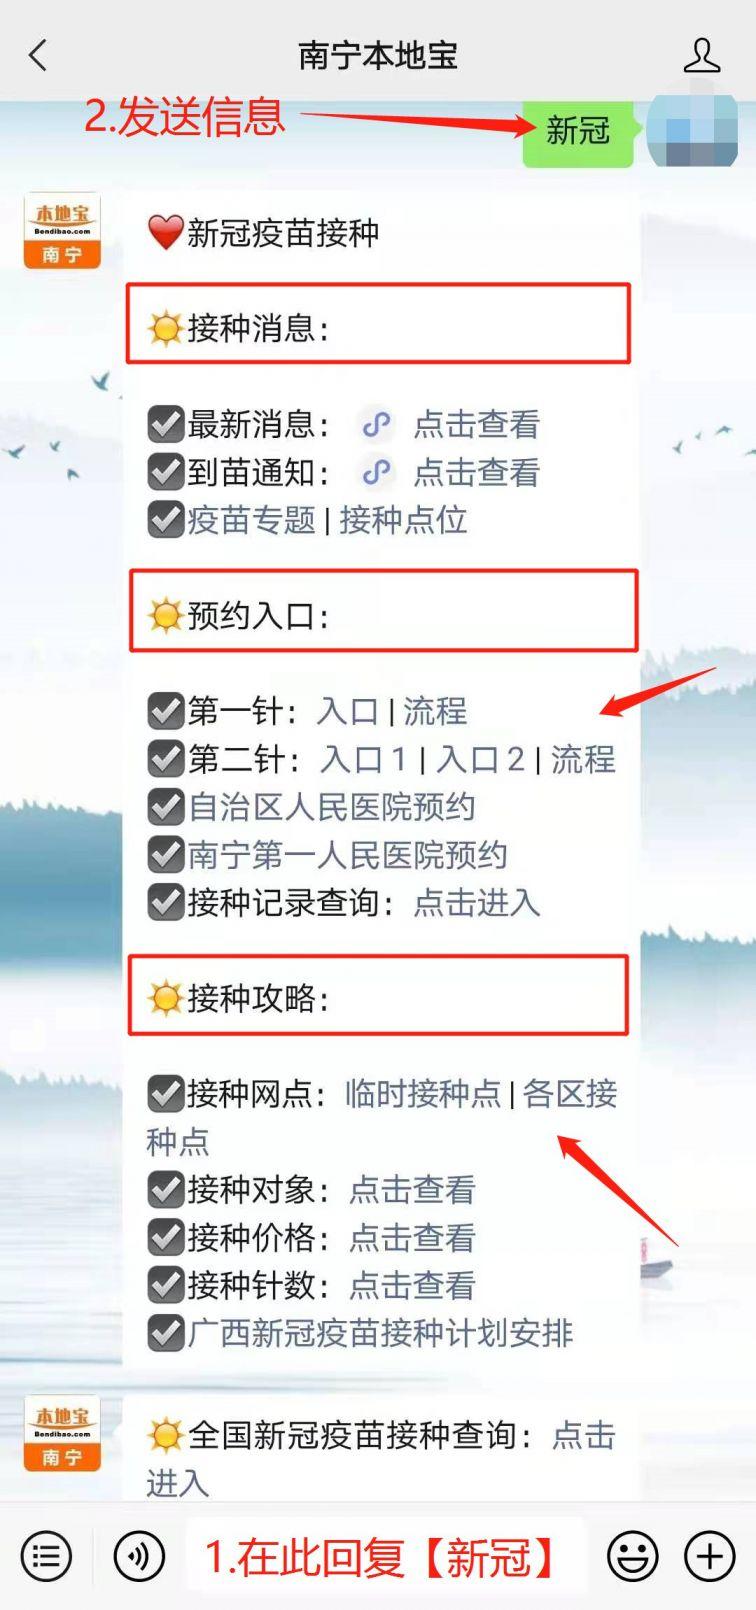 7月23日南宁疾控发布紧急提醒